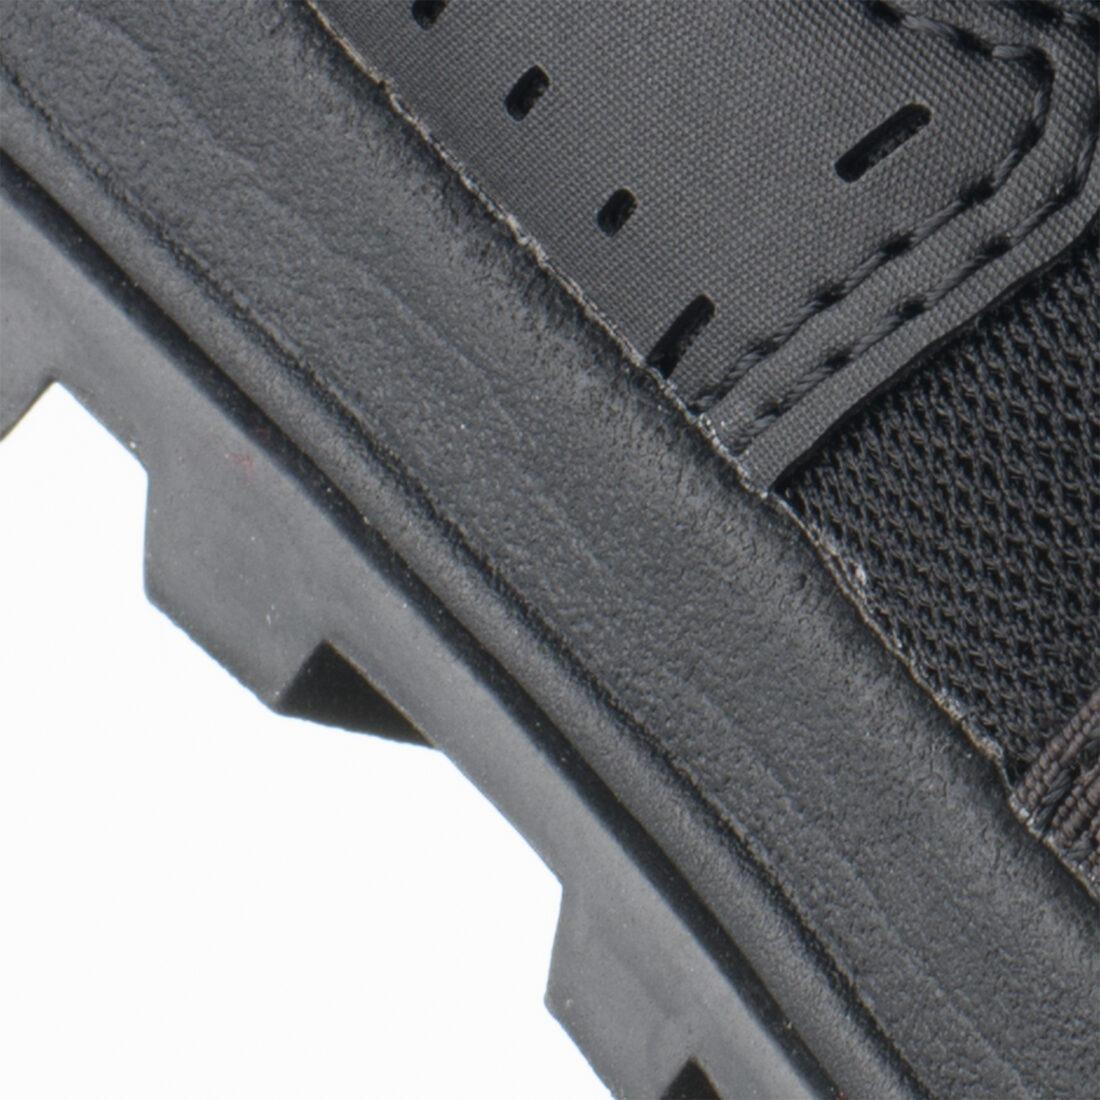 Foto del prodotto prima della post-produzione: sono presenti piccole imperfezioni della gomma e le sbavature di colla nelle giunture tra i materiali sono particolarmente evidenti a causa dell'uso del flash